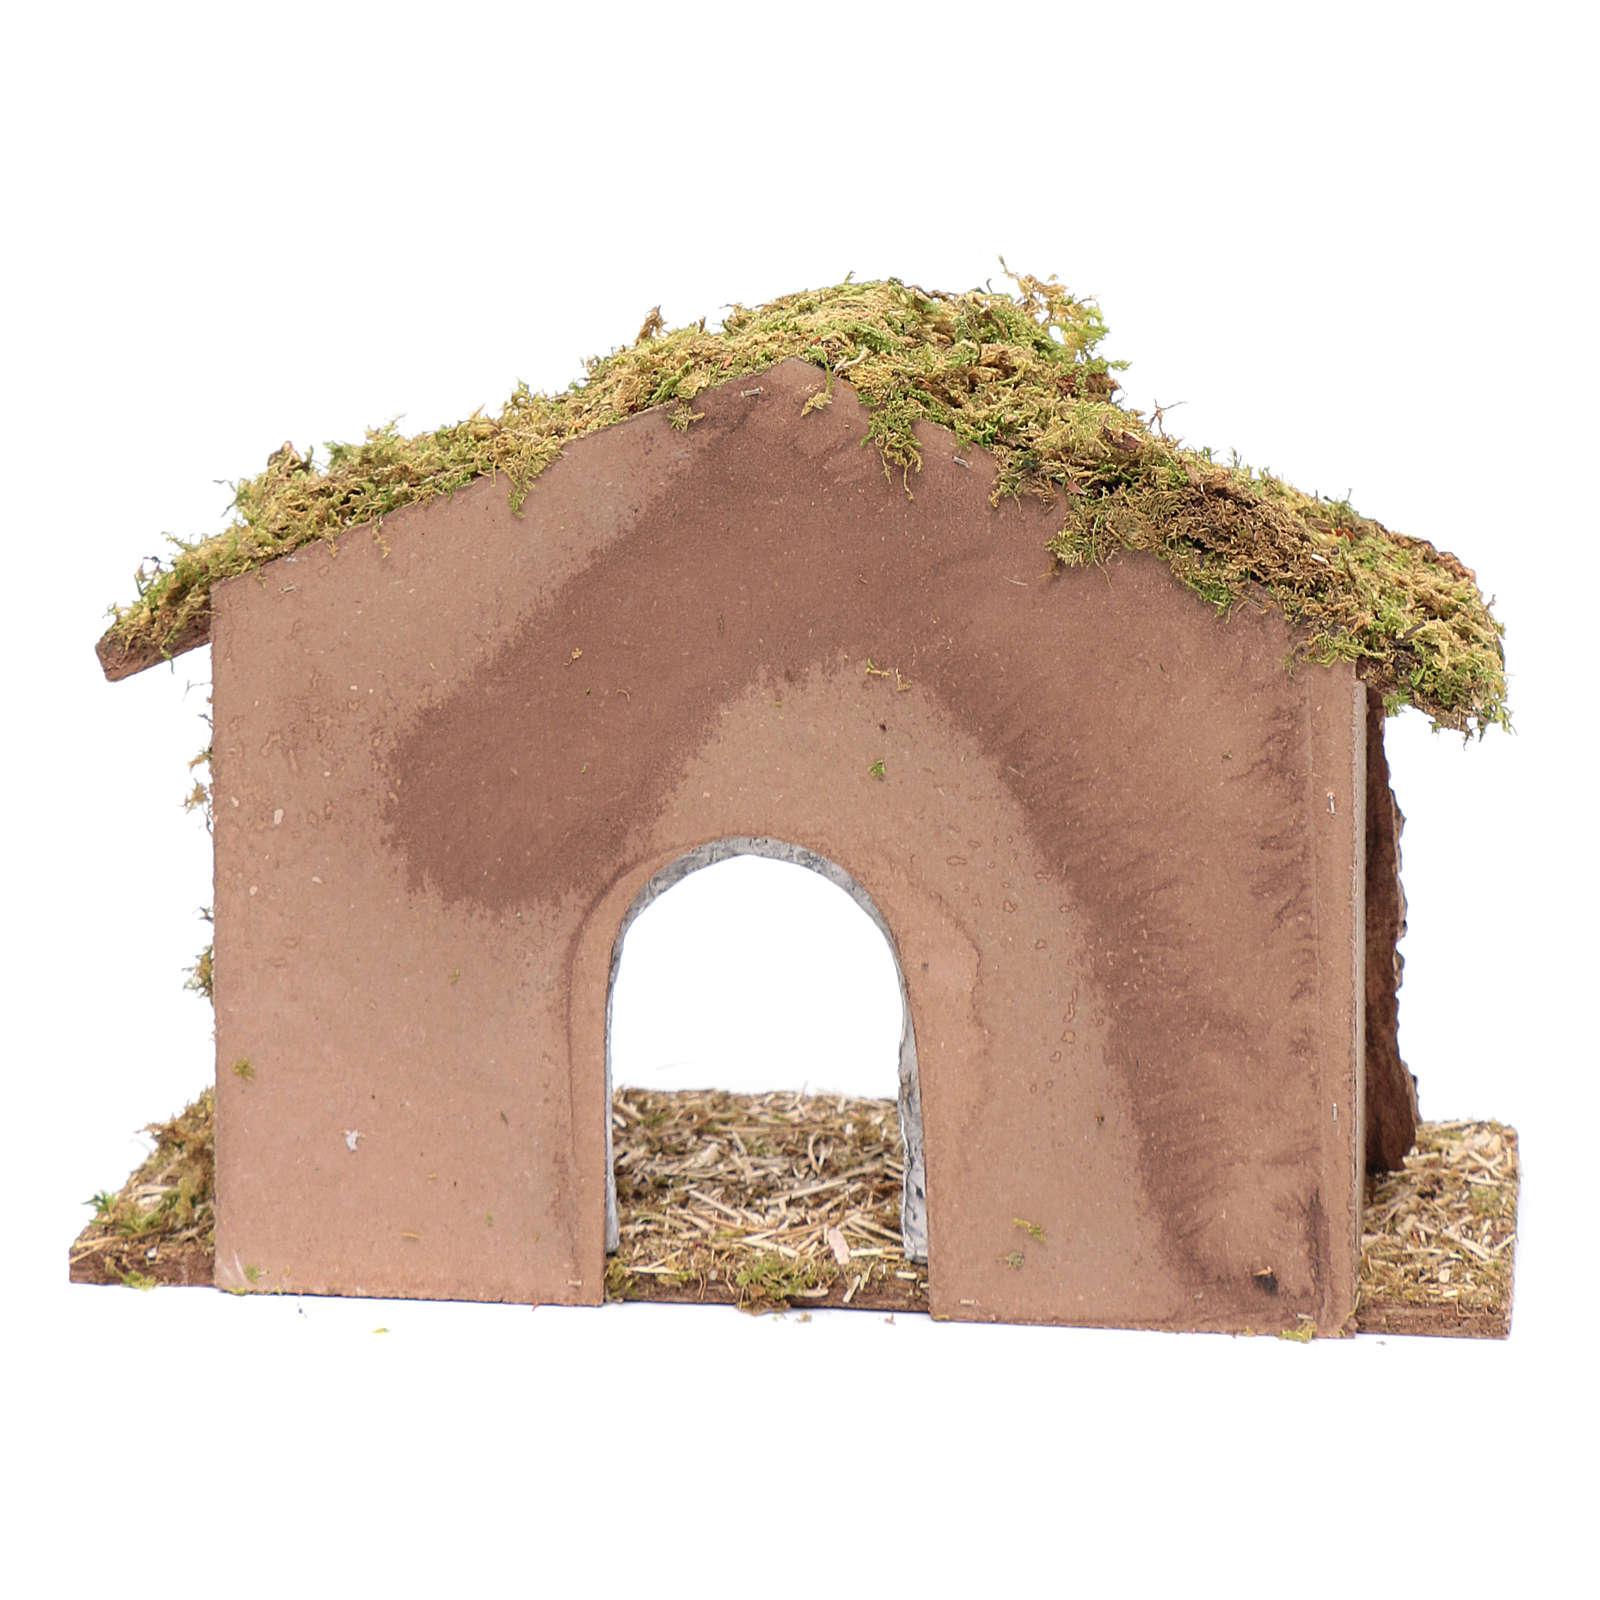 Cabaña con arco en yeso 25x35x15 cm 4